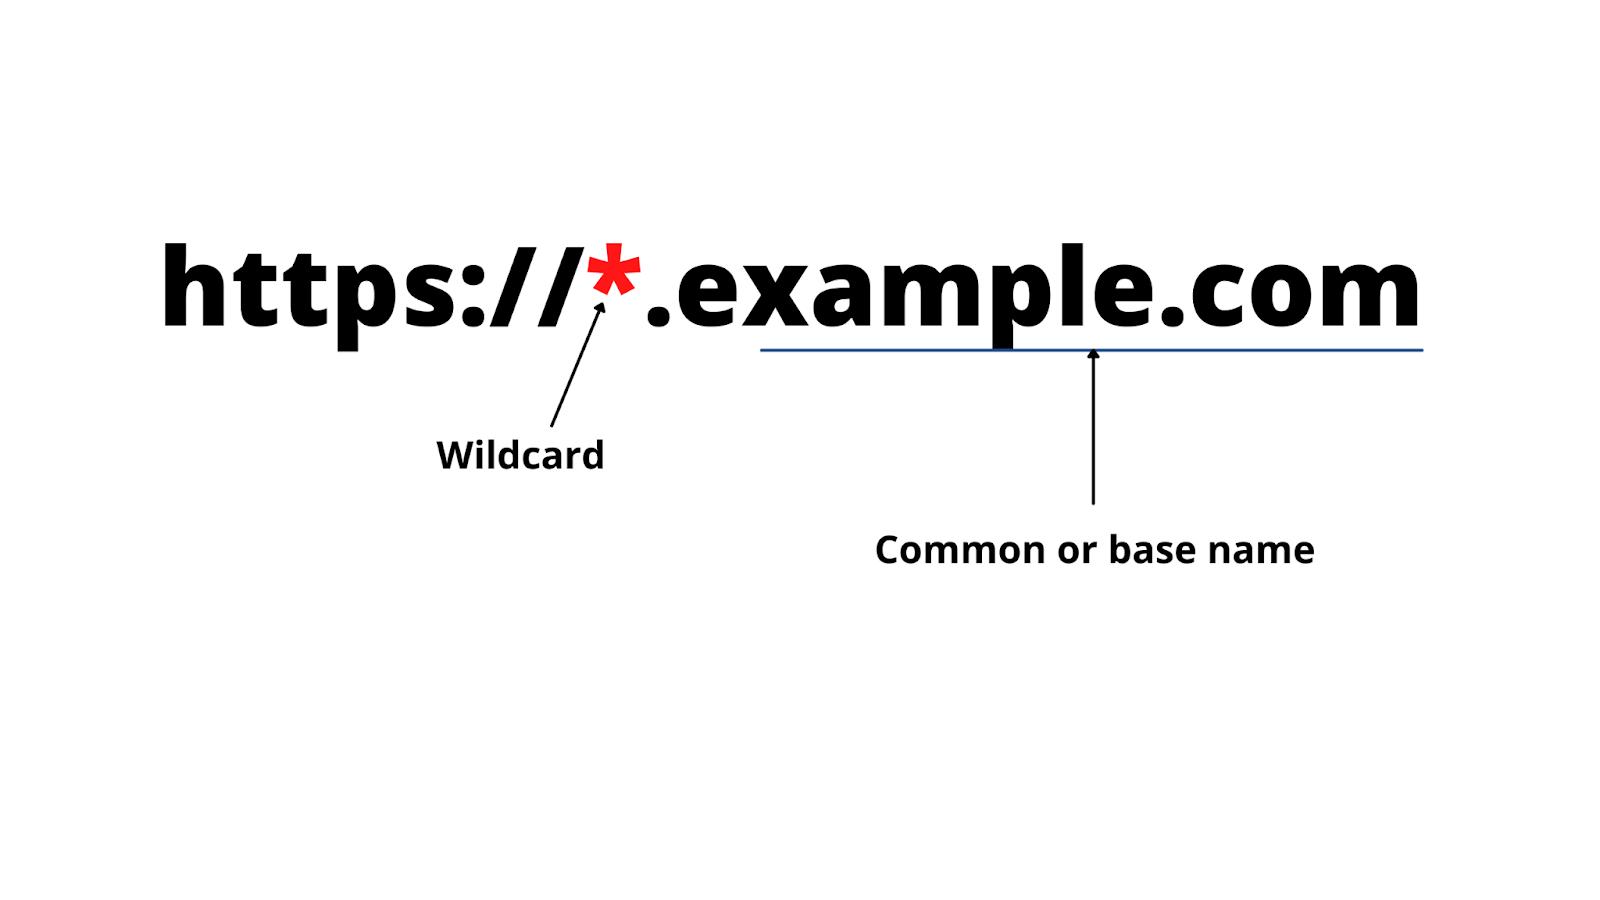 Wildcard SSL Certificate example